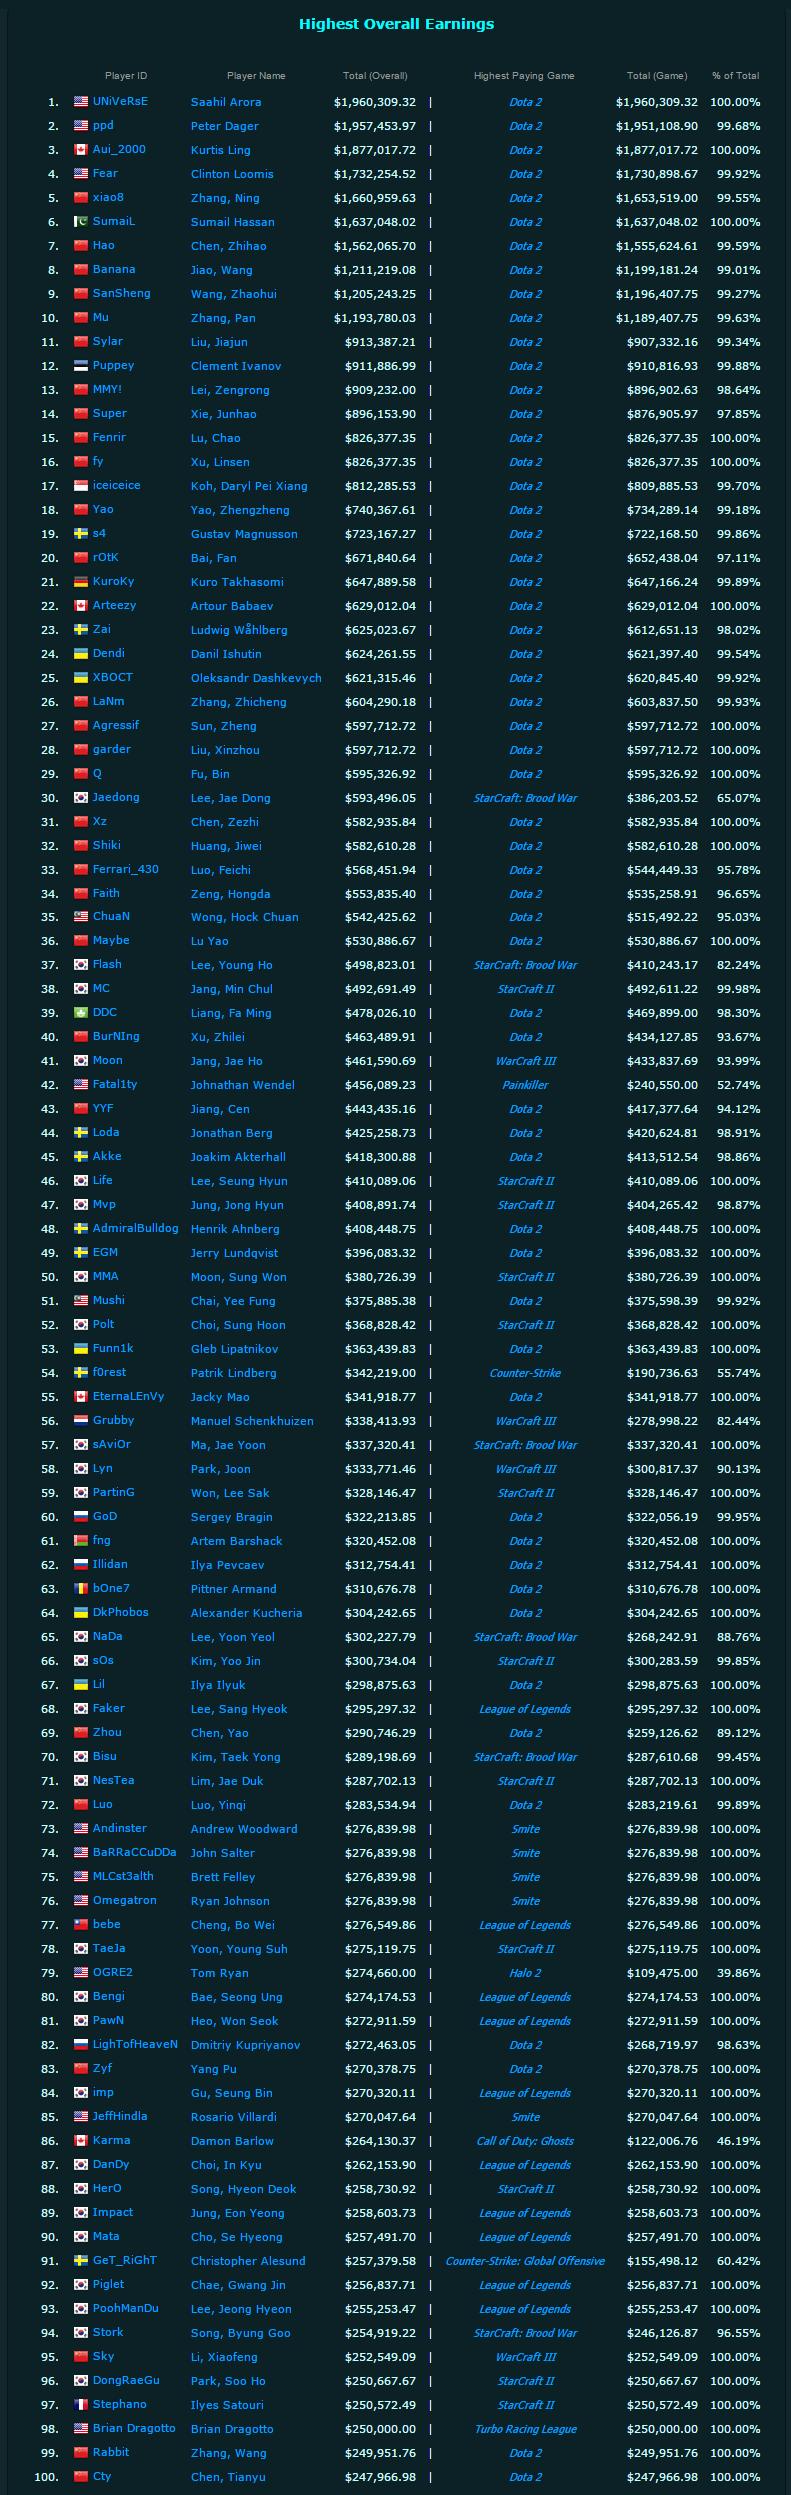 Топ-10 и топ-100 самых богатых киберспортсменов мира 2015